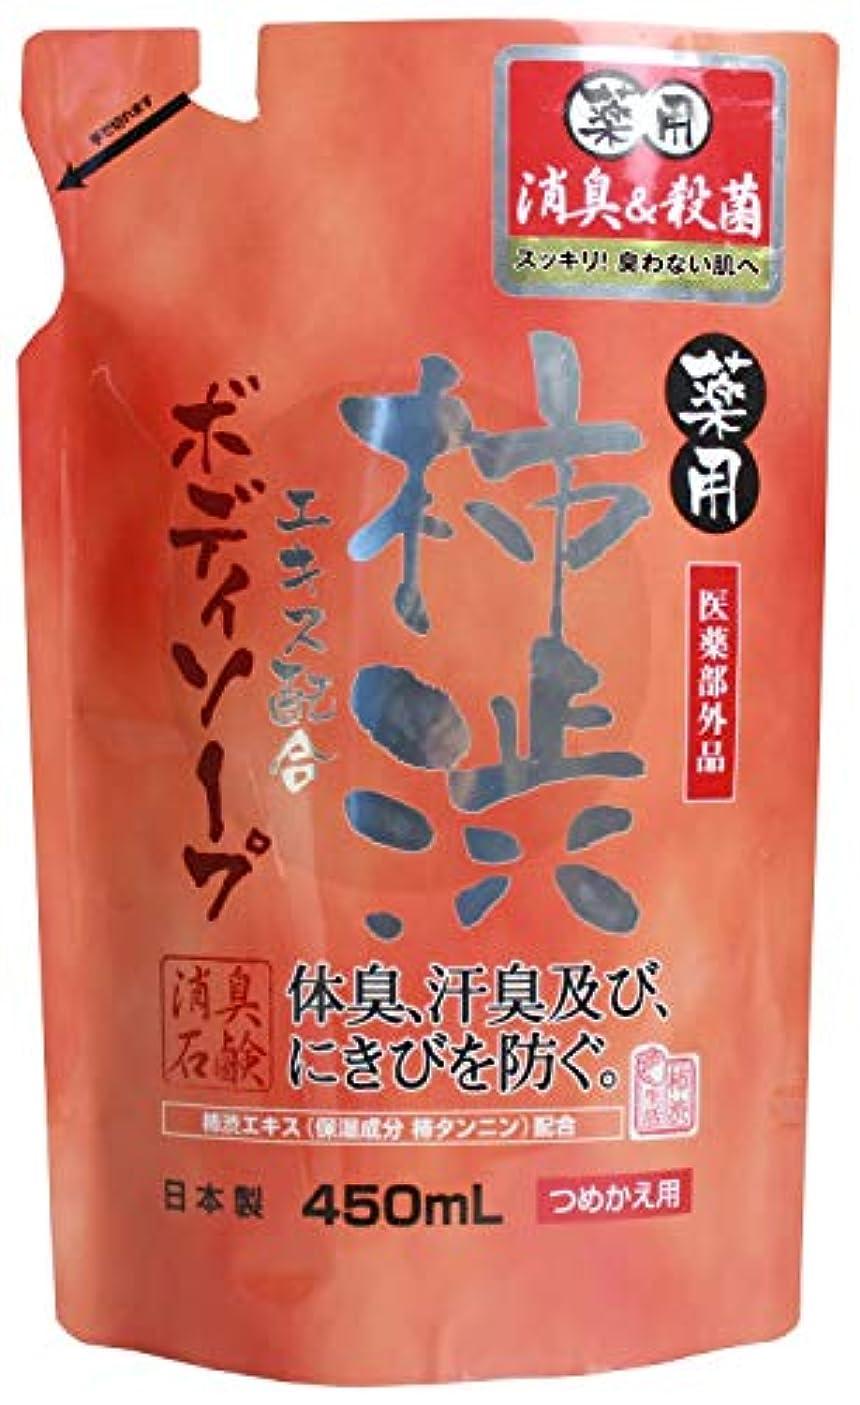 区別シフトマオリ薬用柿渋 ボディソープ (つめかえ用) 450mL 【医薬部外品】